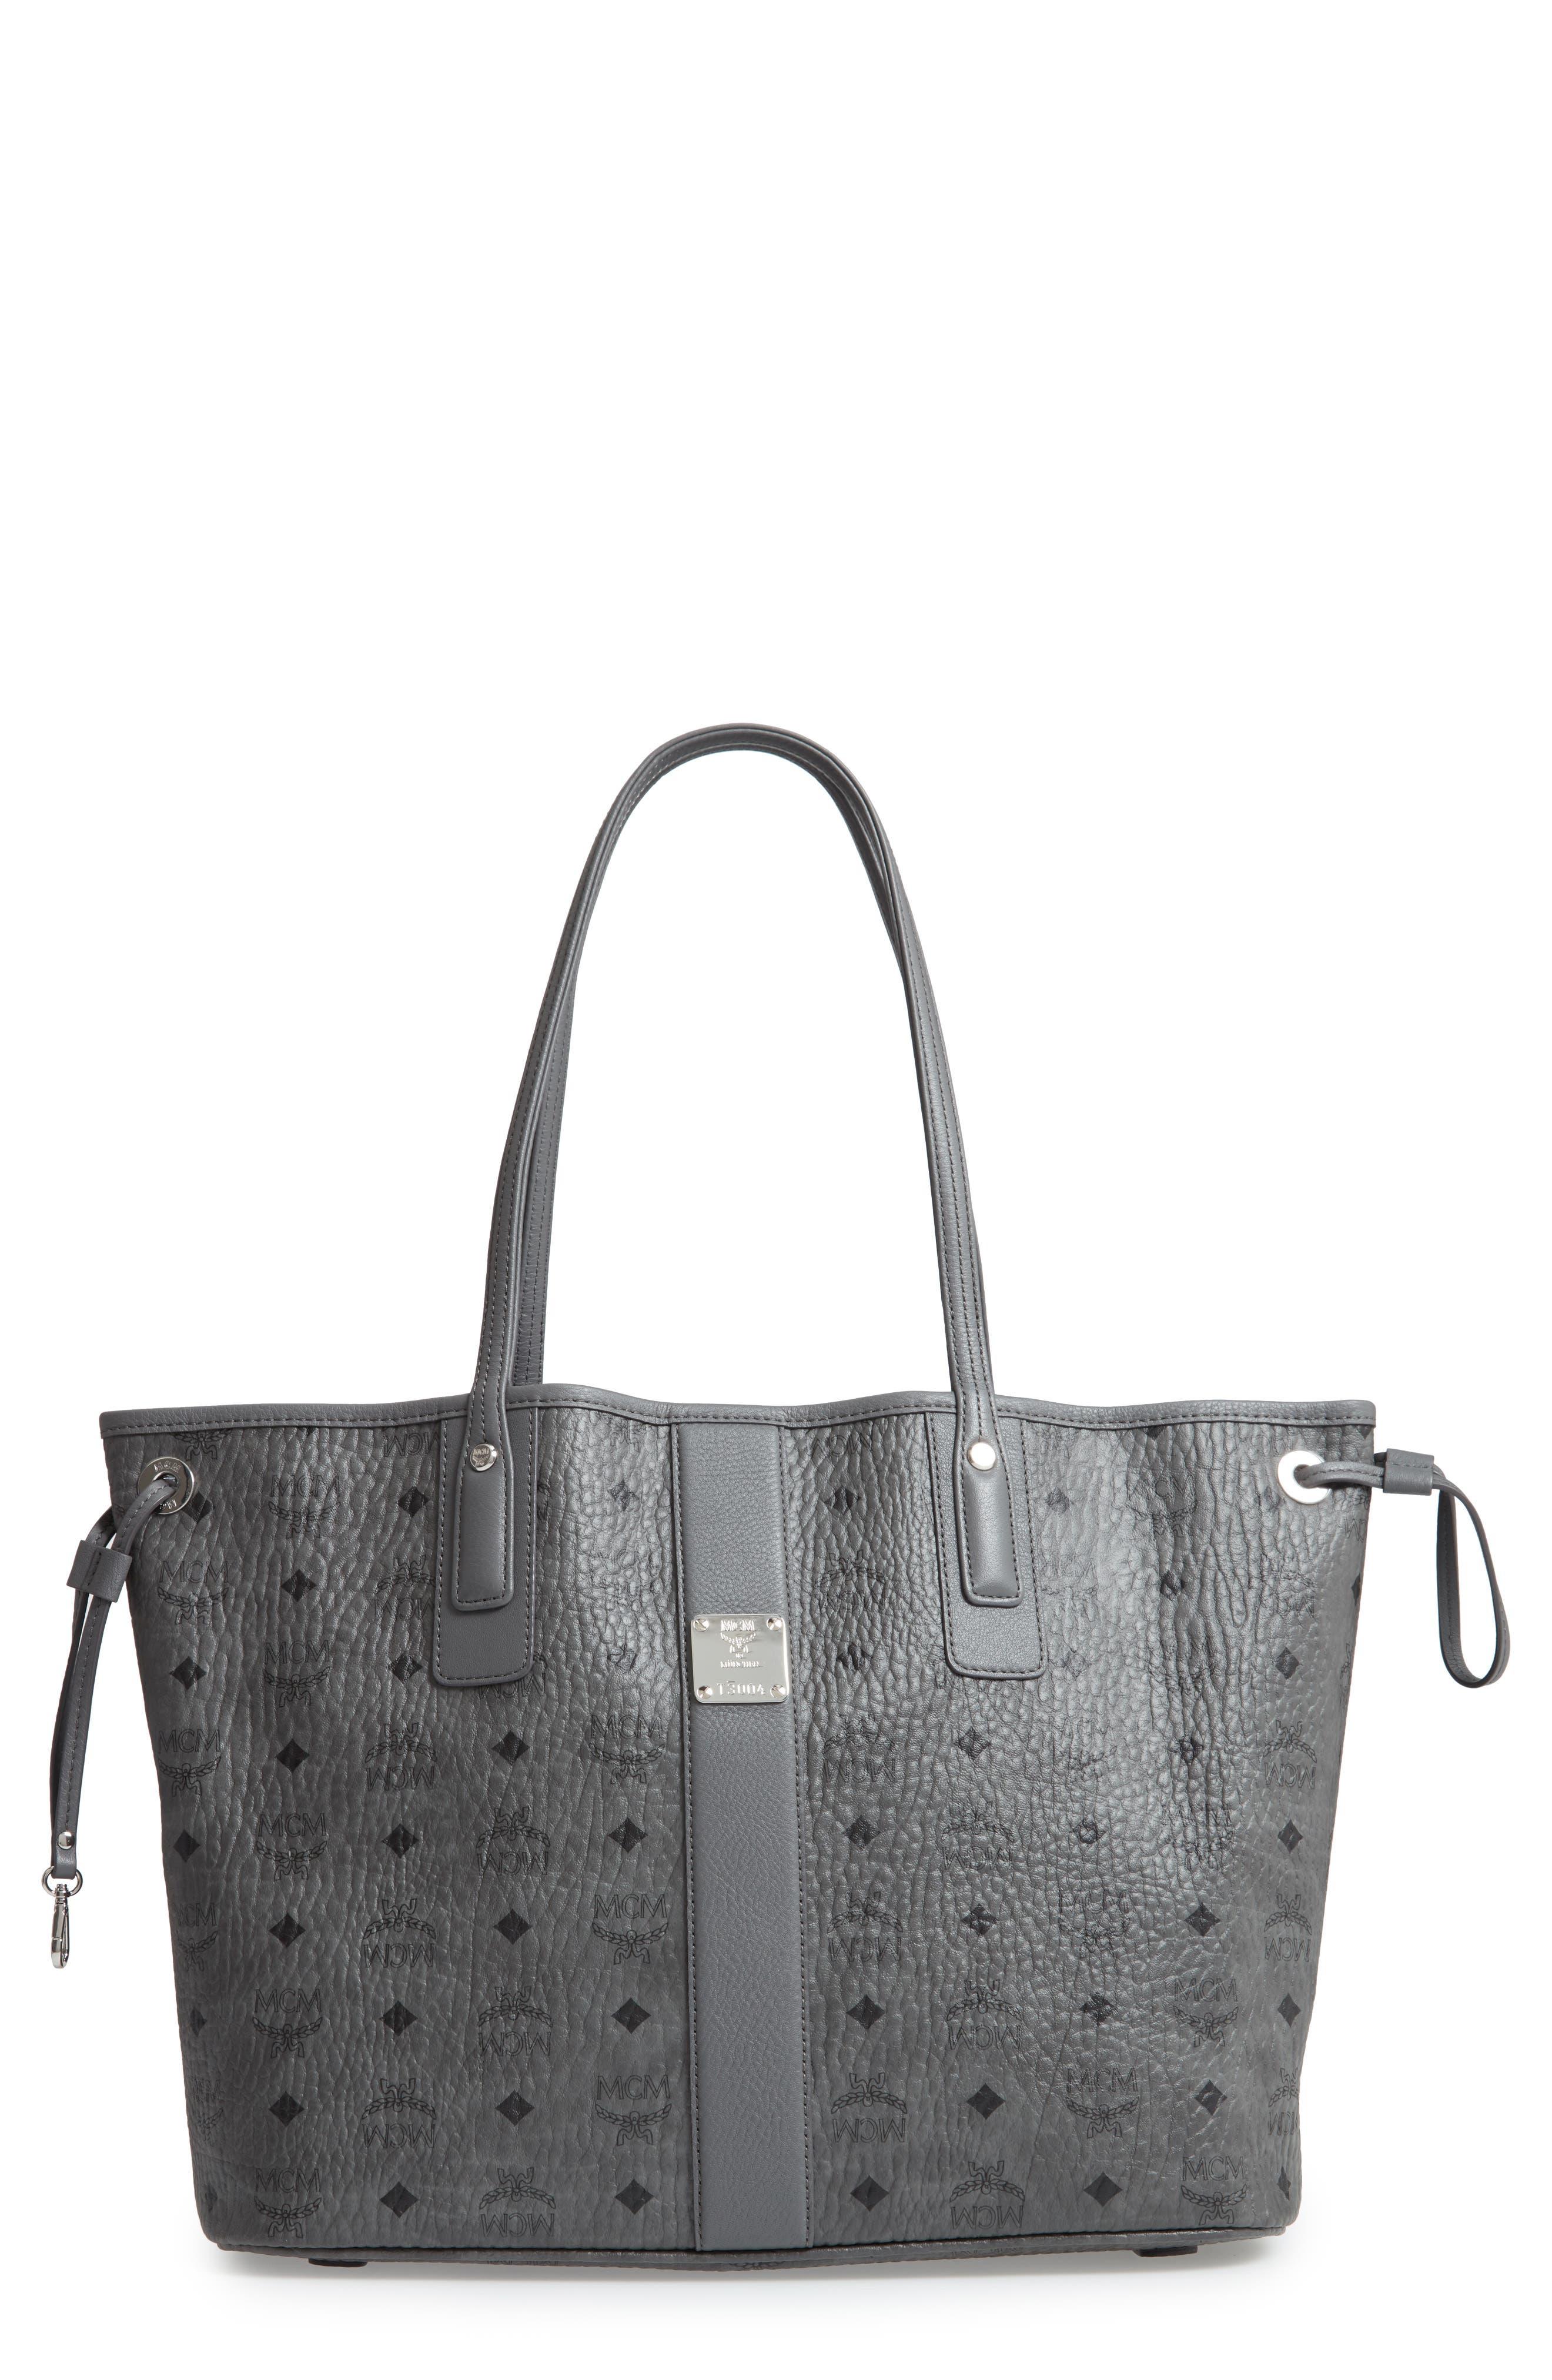 a0870c20e27 drawstring handbags